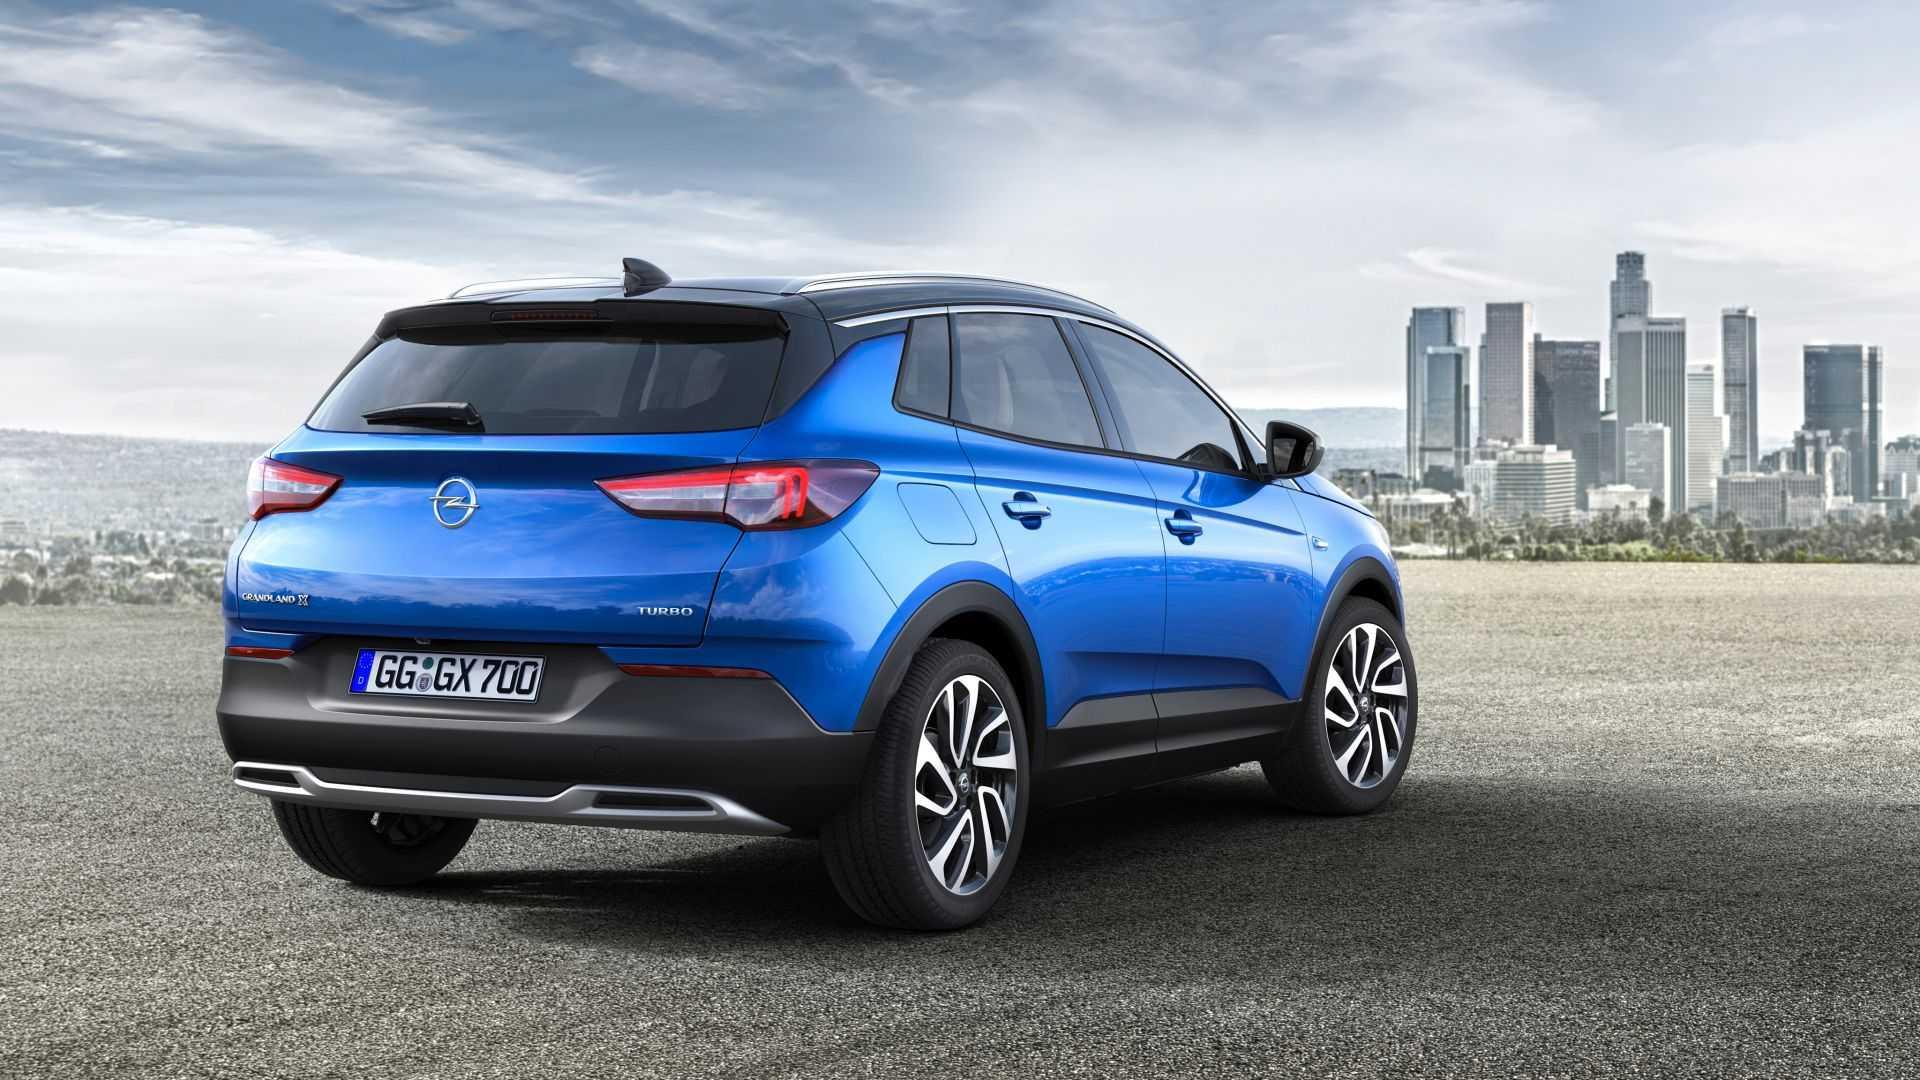 Opel grandland x hybrid4 2020 — гибридная версия популярного кроссовера